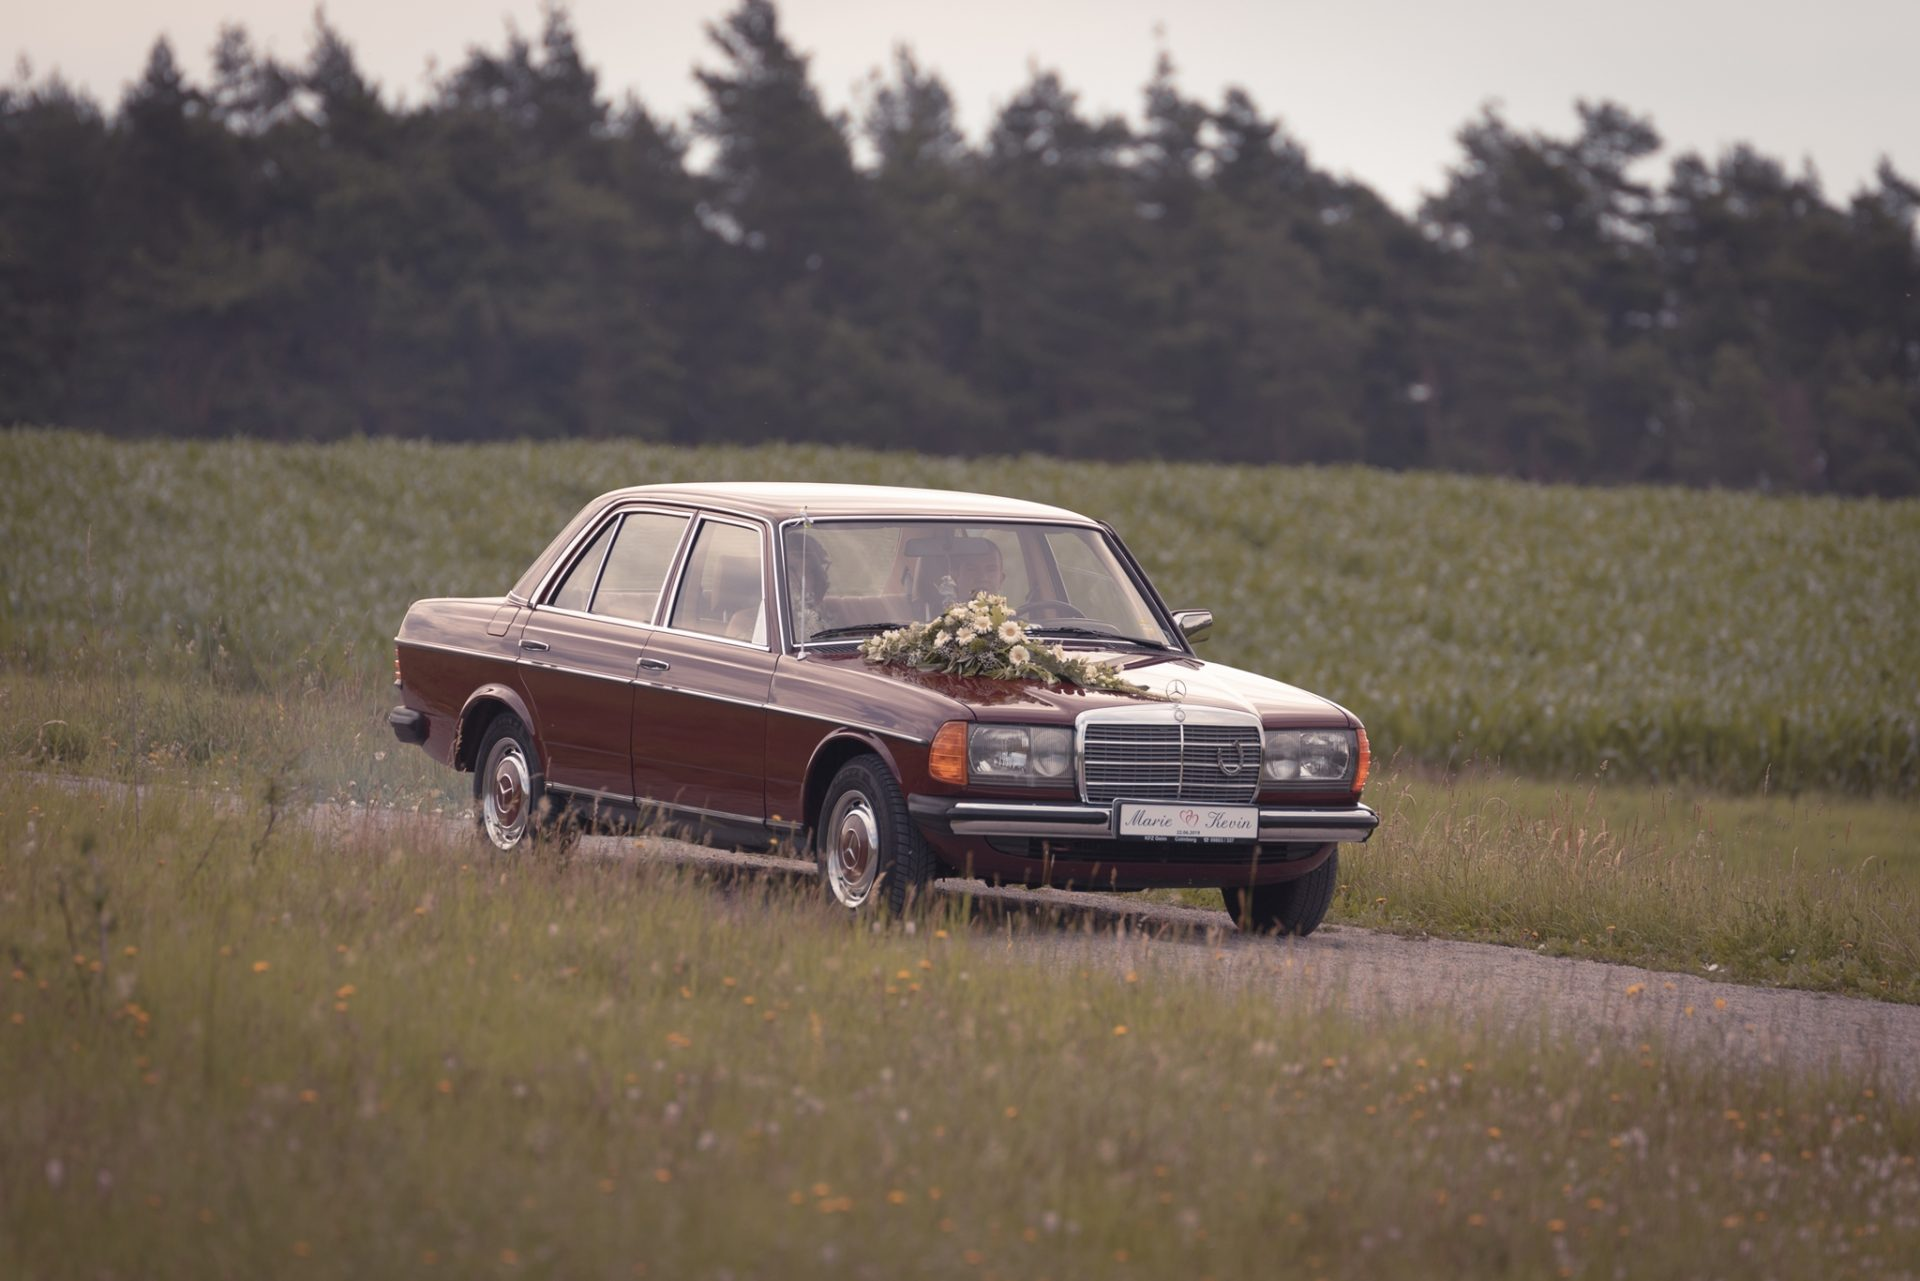 Hochzeitsfotografie - Brautauto